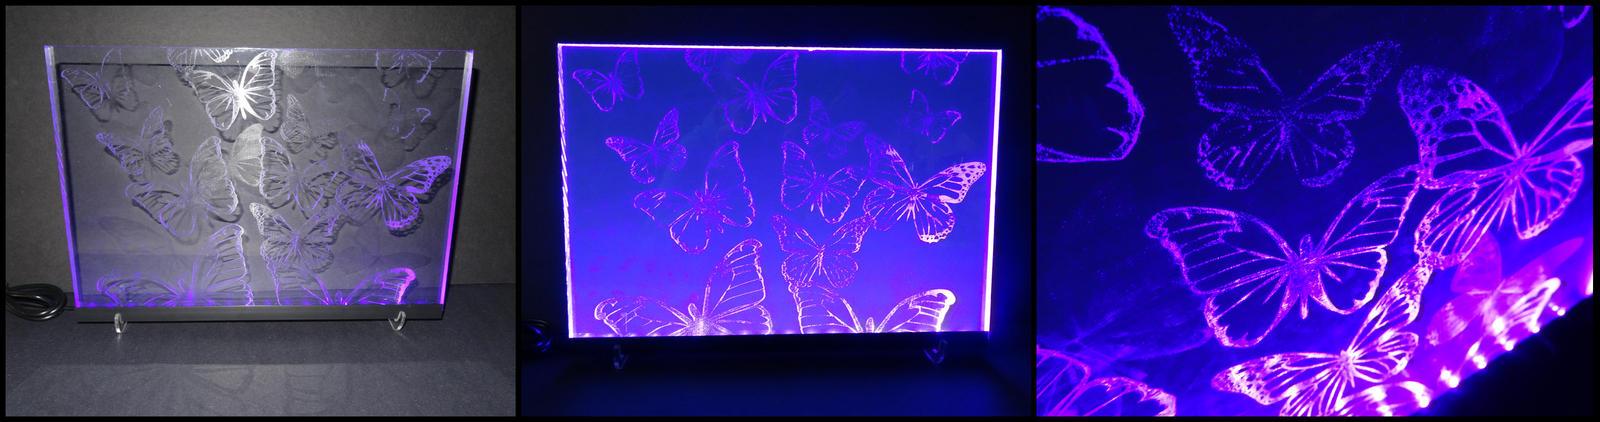 Butterfly Edge Lit Design by dizzyflower28